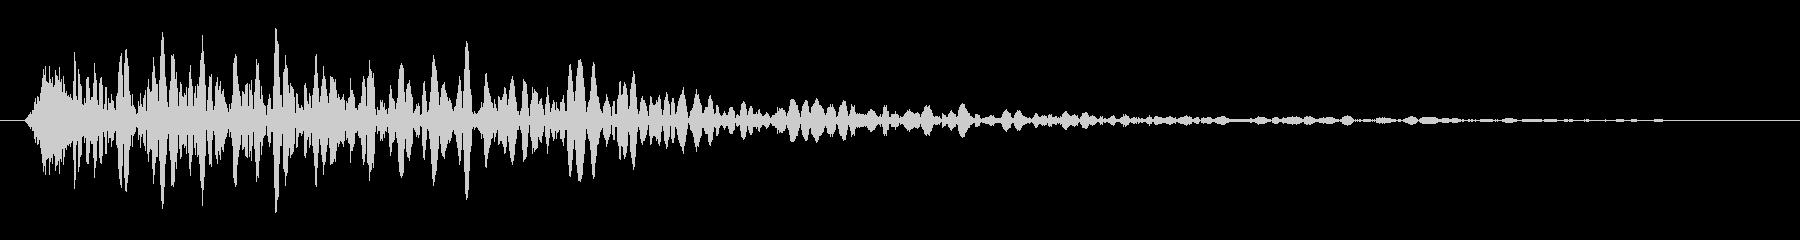 落ちた時の効果音の未再生の波形